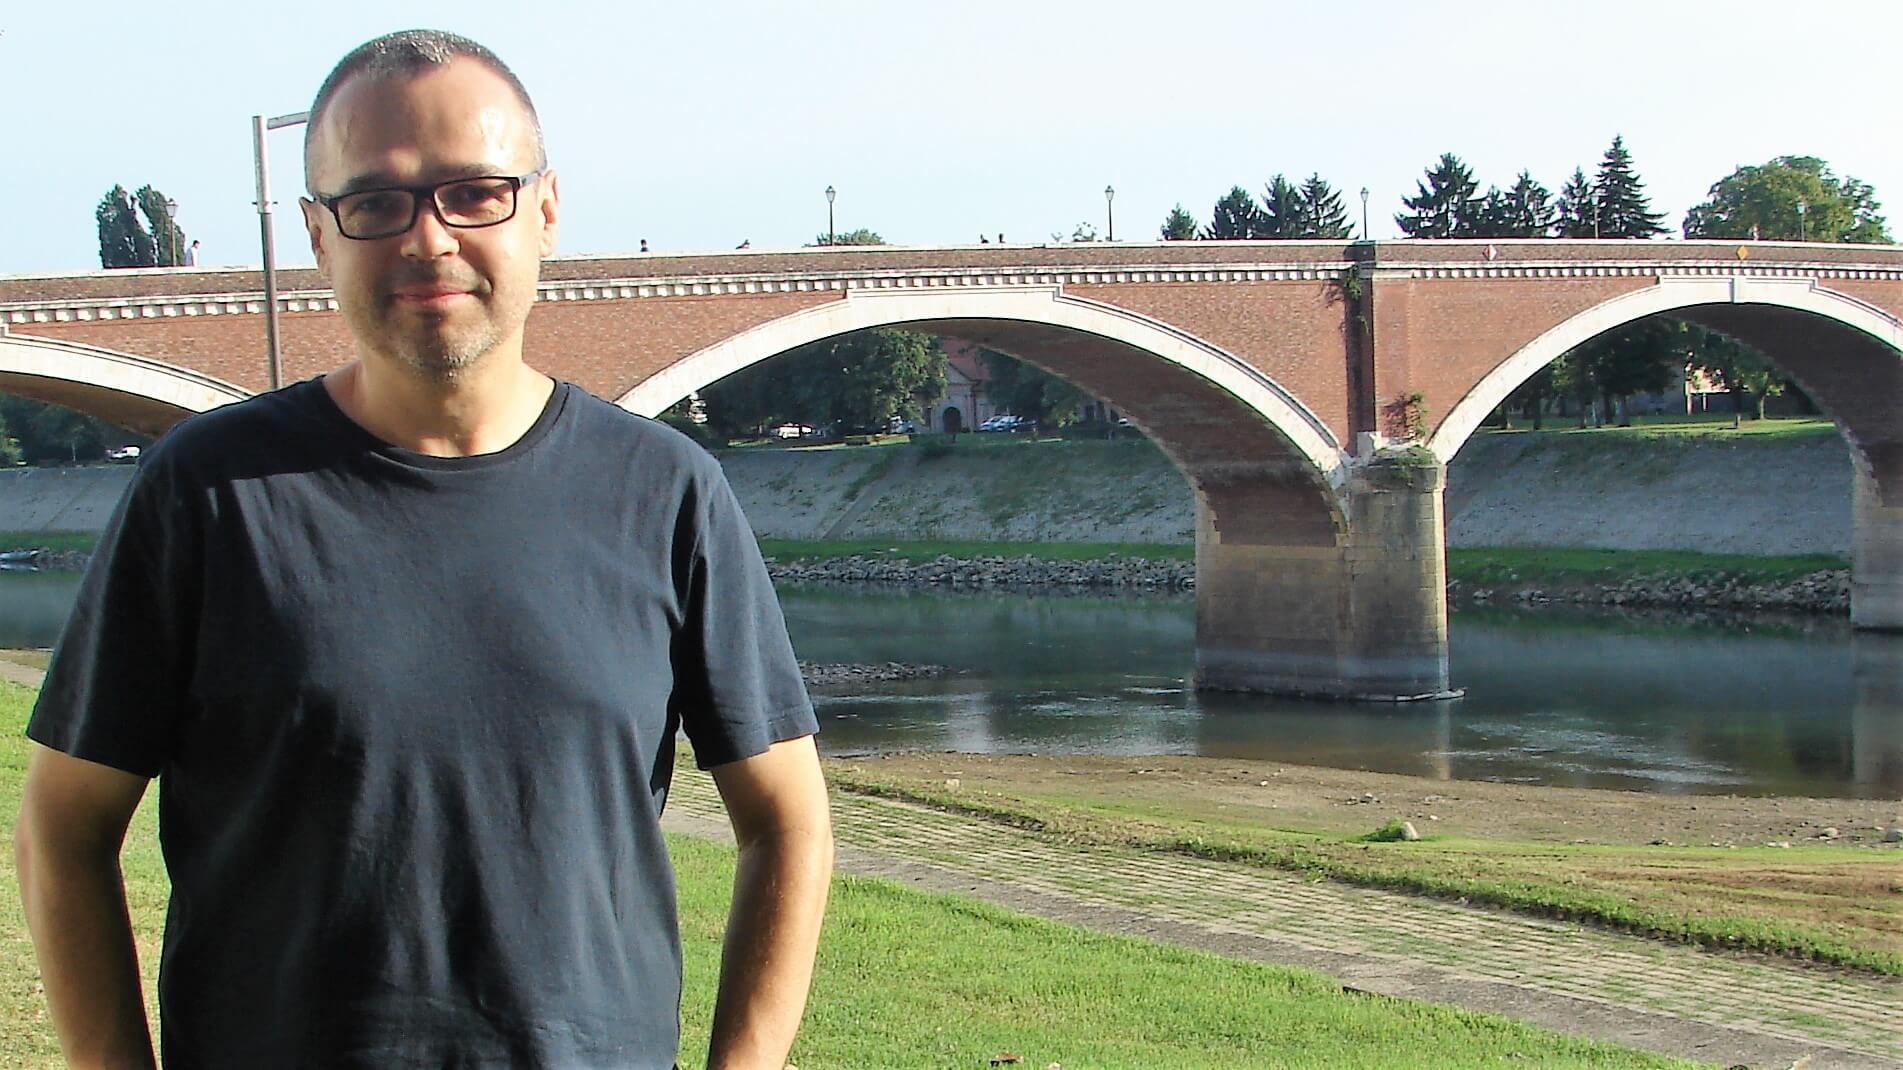 """[RAZGOVOR] Goran Dević, redatelj serije """"65+"""": Ambicija mi je bila izbjeći romantiziranje starosti"""